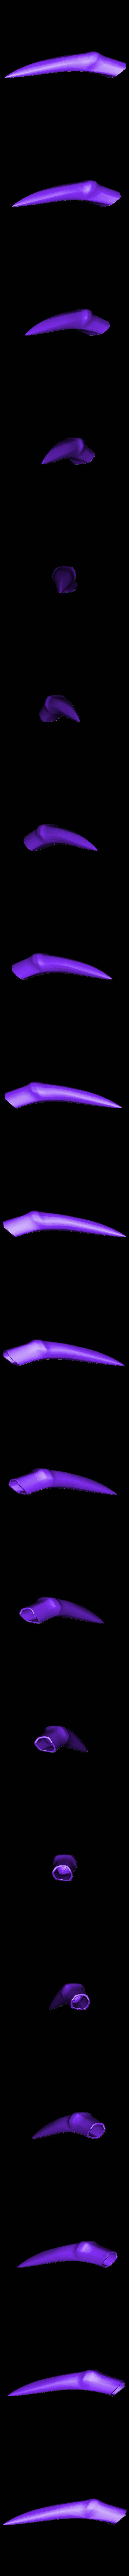 thumb.left.mk.1.stl Télécharger fichier STL gratuit Gauche 4 griffes de sorcière mortes Cosplay Bride Bride Claws • Objet pour imprimante 3D, AlbertKhan3D